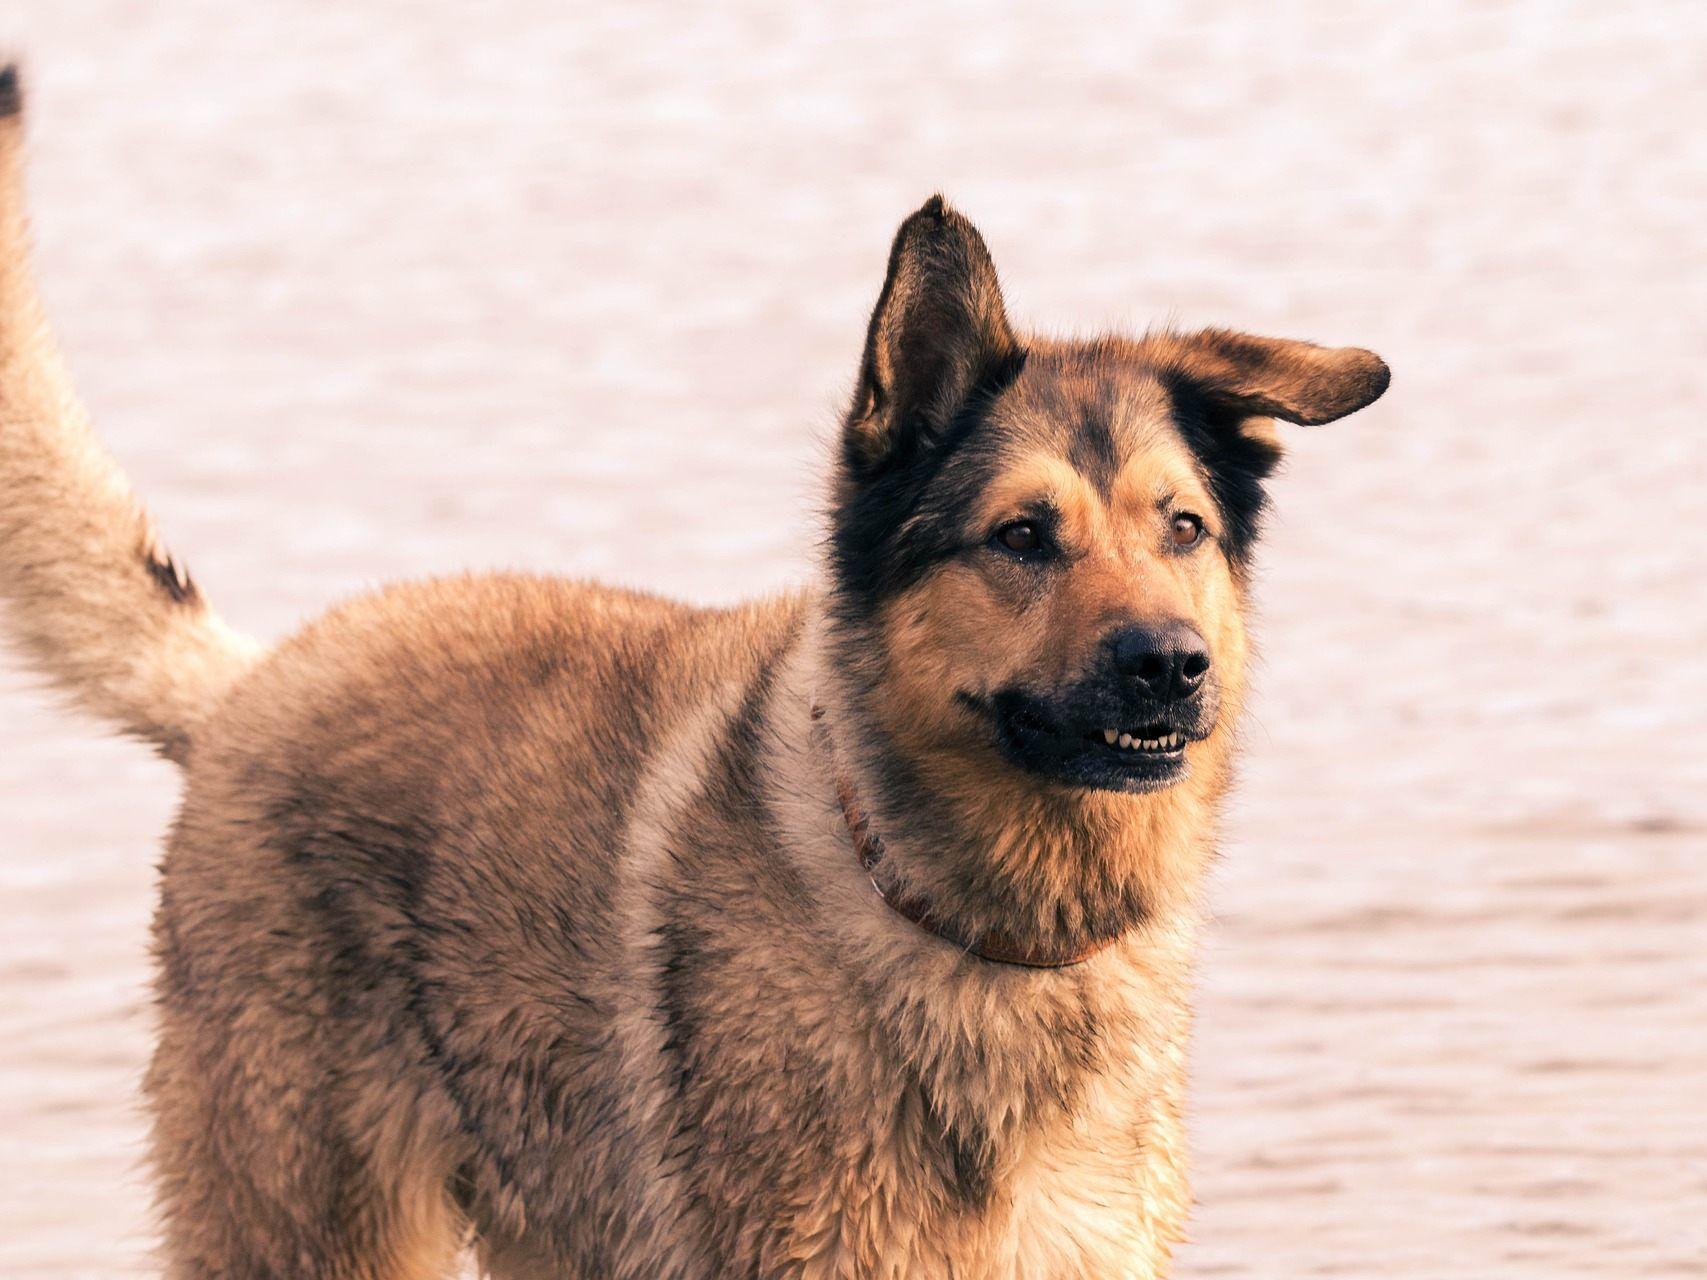 Anmeldung Hund Wien